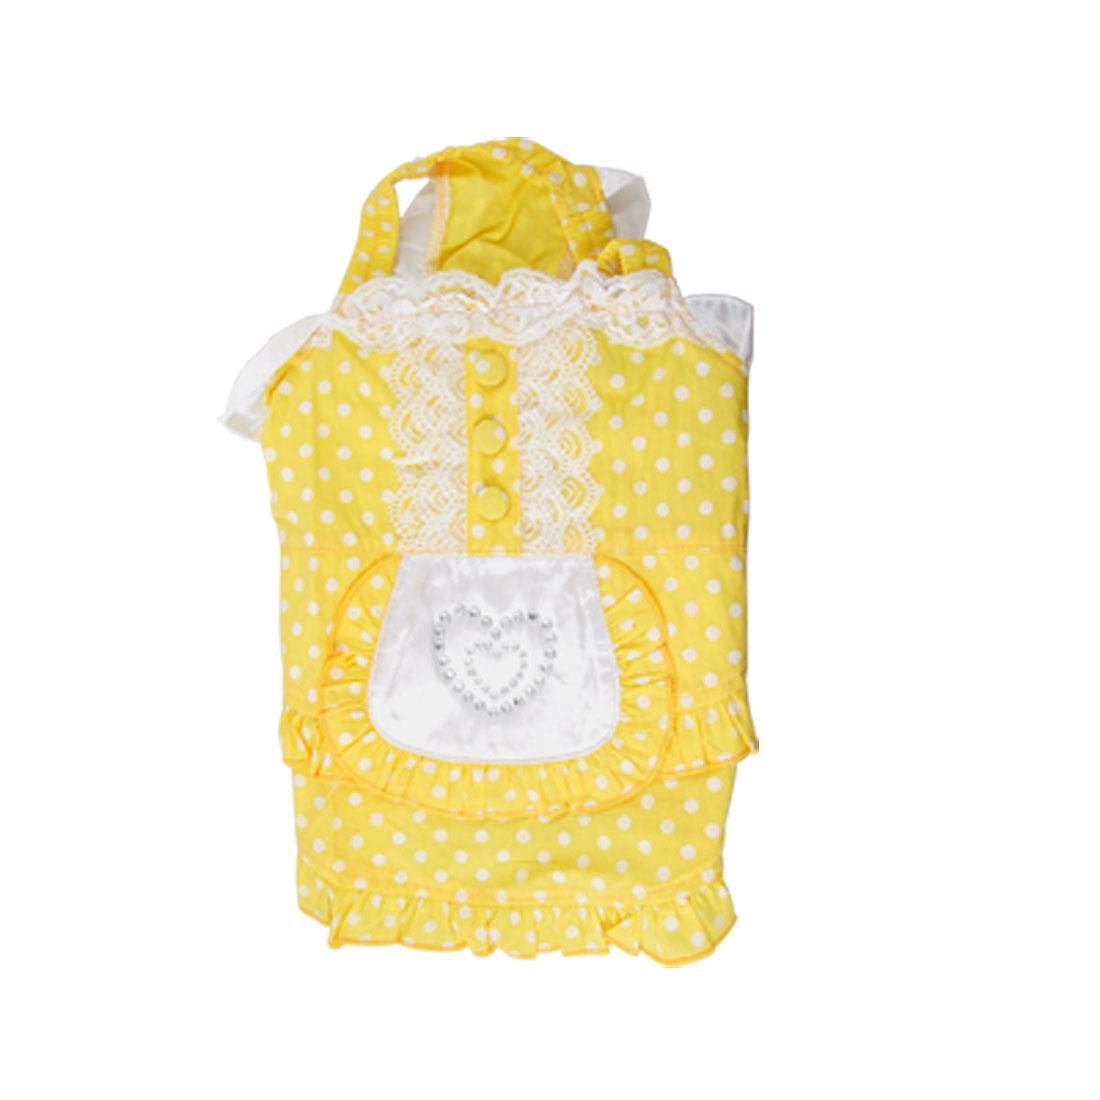 Summer Yellow Chiffon Lace Dot Pet Puppy Dog Apparel Shirts Vest Dress Size XL